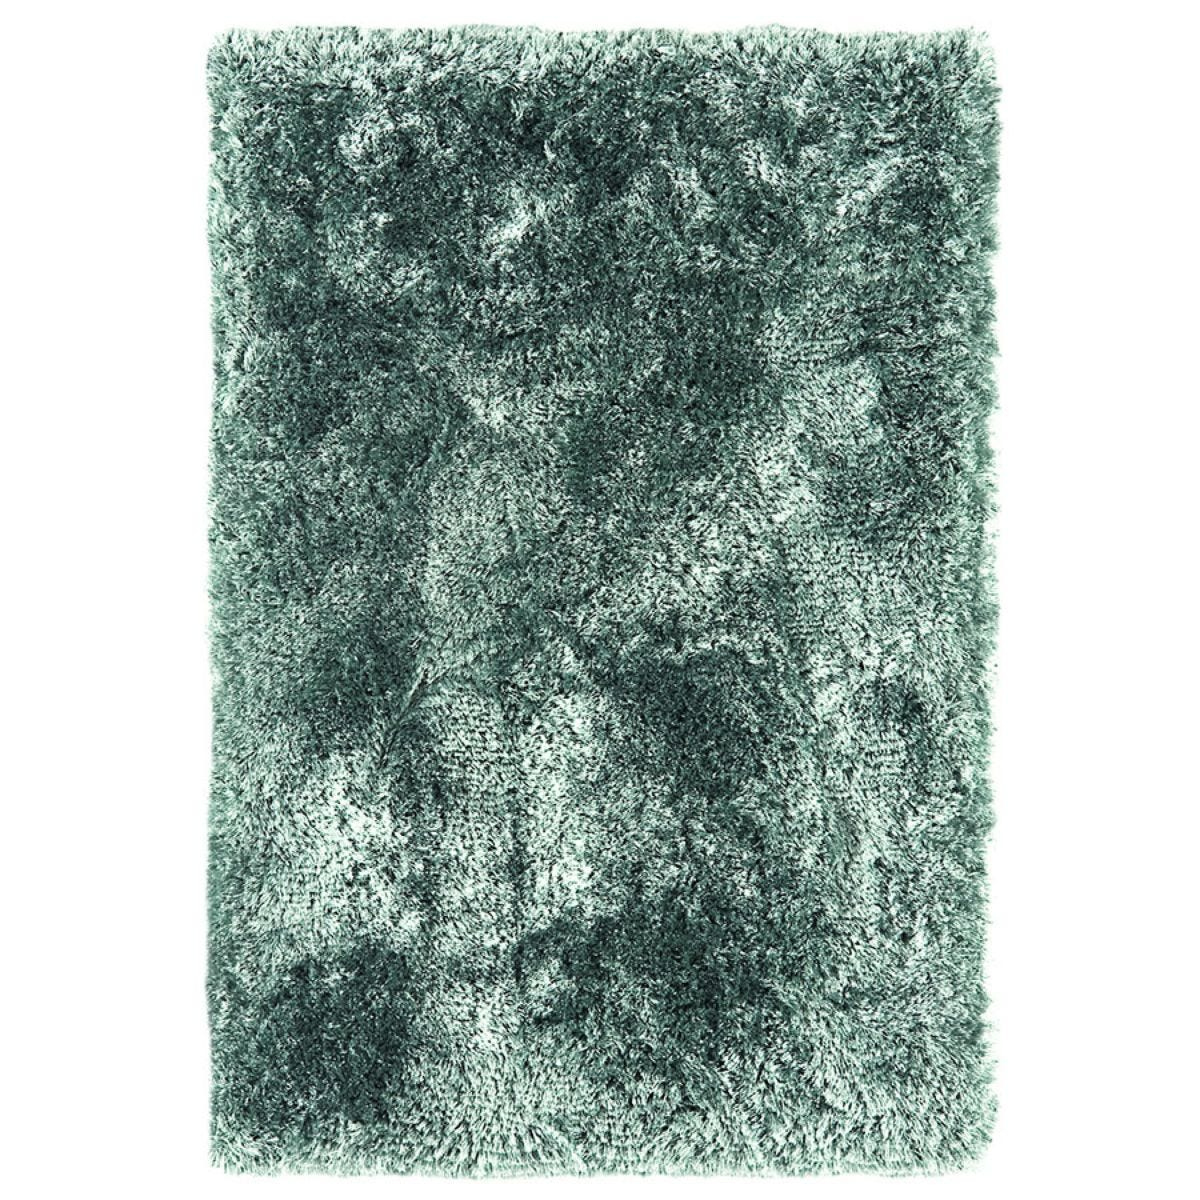 Asiatic Plush Rug, 160 x 230cm - Ocean